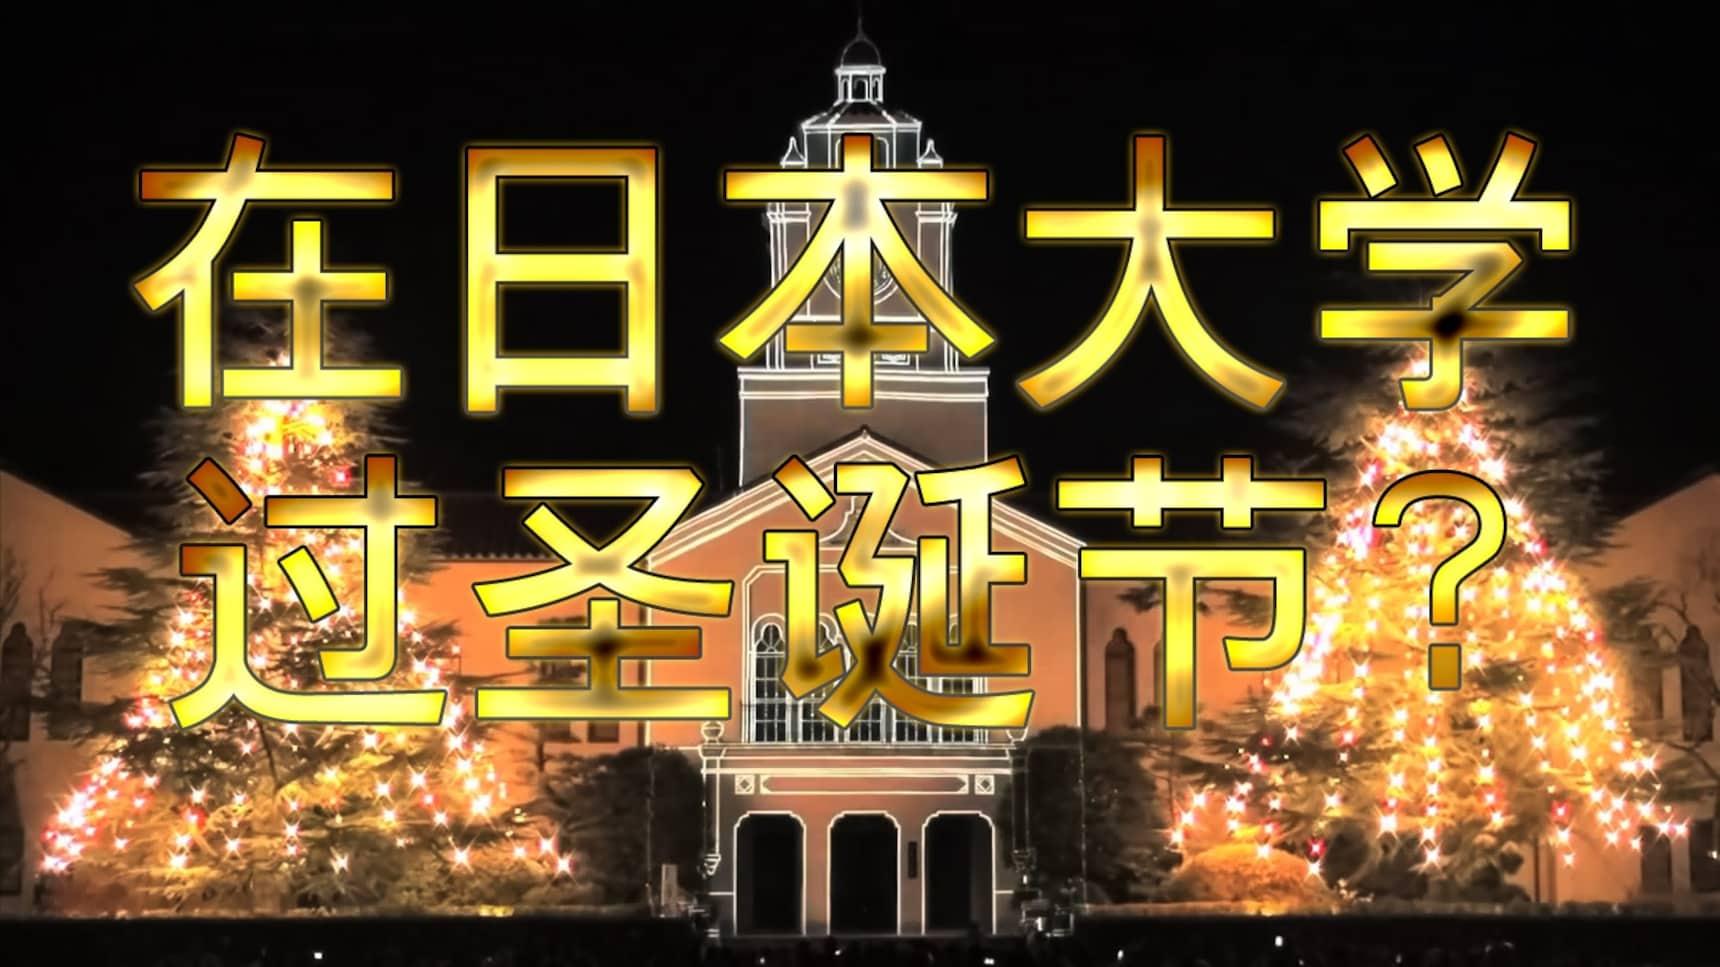 在日本大学过圣诞节?